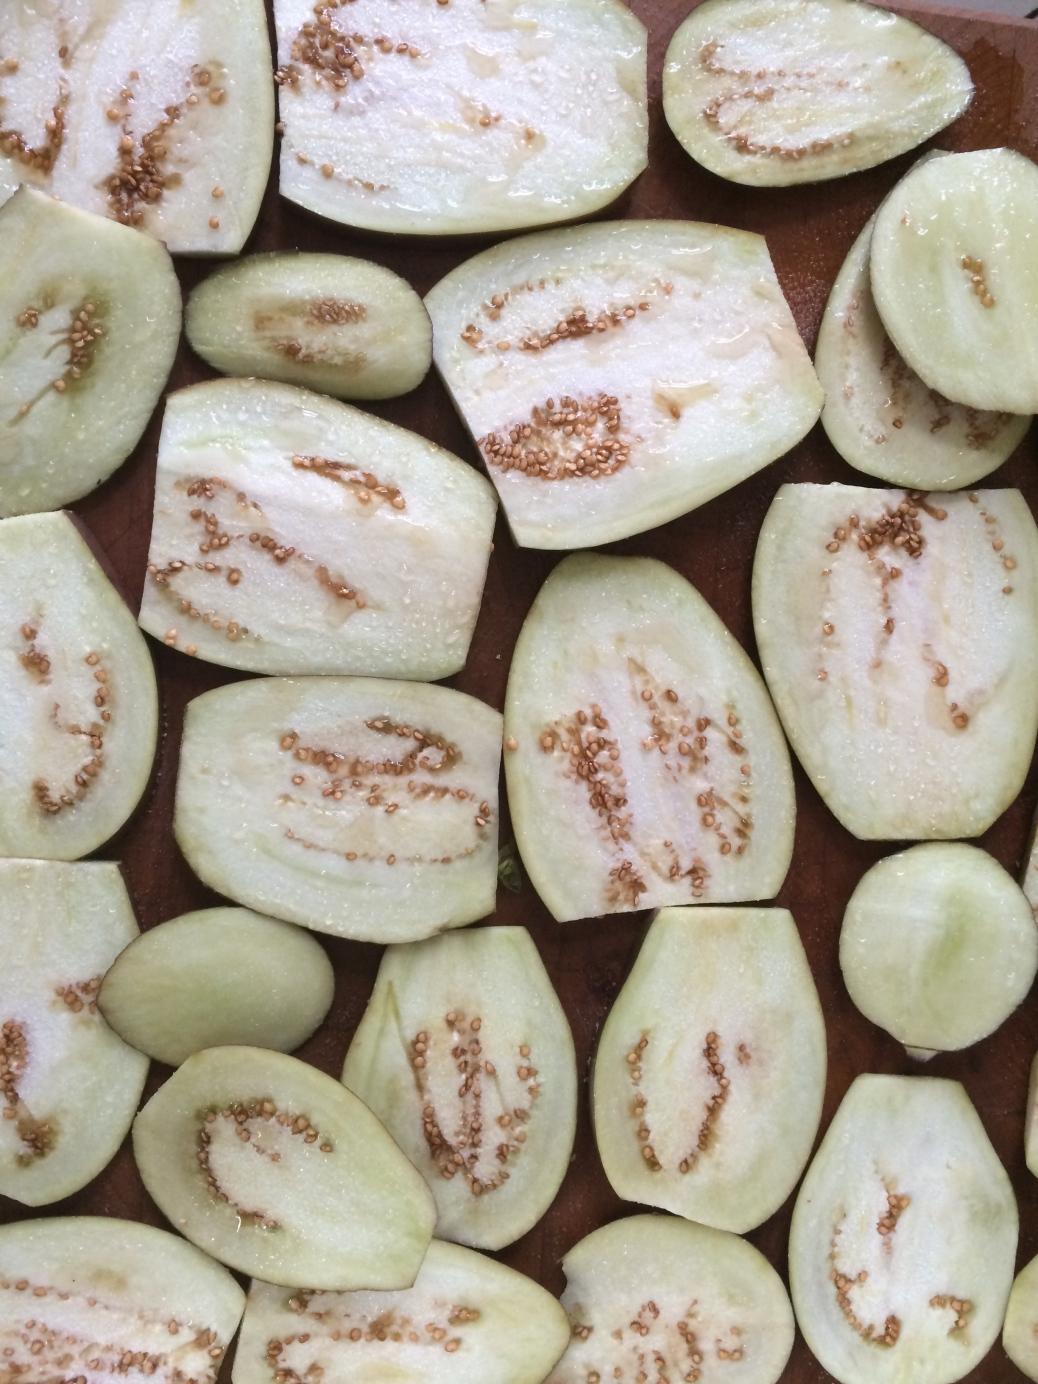 Sweaty eggplant slices